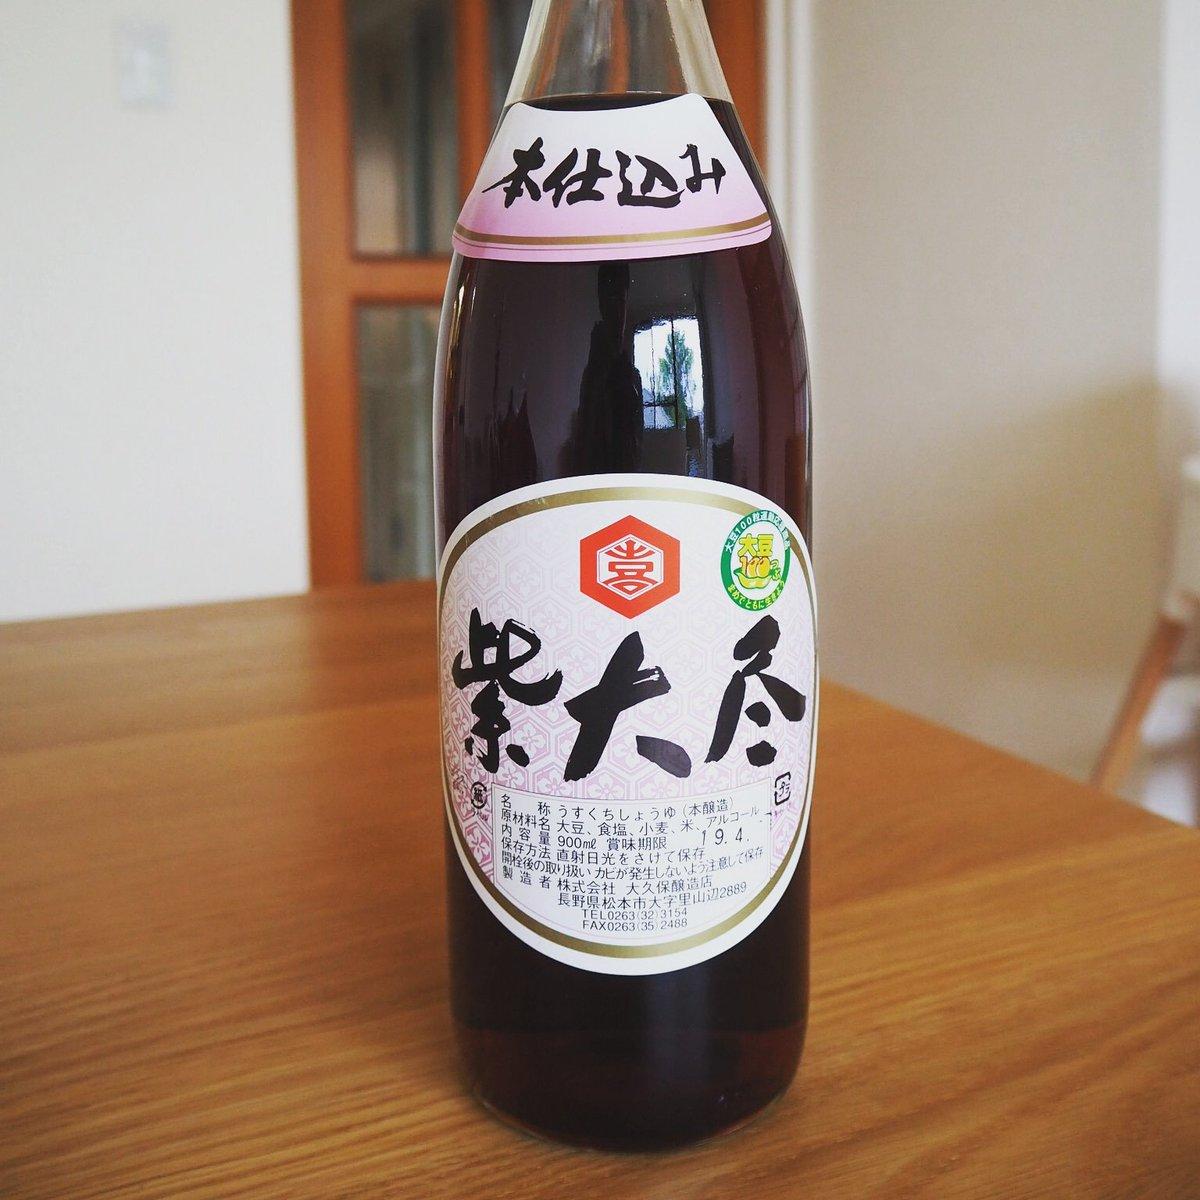 無くてはならない調味料、紫大尽の薄口醤油。  気づけばもうかれこれ10年くらいのお付き合い。  舐めるとそんなにお醤油っぽい味がしないのに、入れると素材の味を引き出してくれる不思議なお醤油です。  https://thepleasureof-kurashi.blogspot.com/2018/06/blog-post_78.html?m=1…   #暮らし #紫大尽 #醤油 #調味料